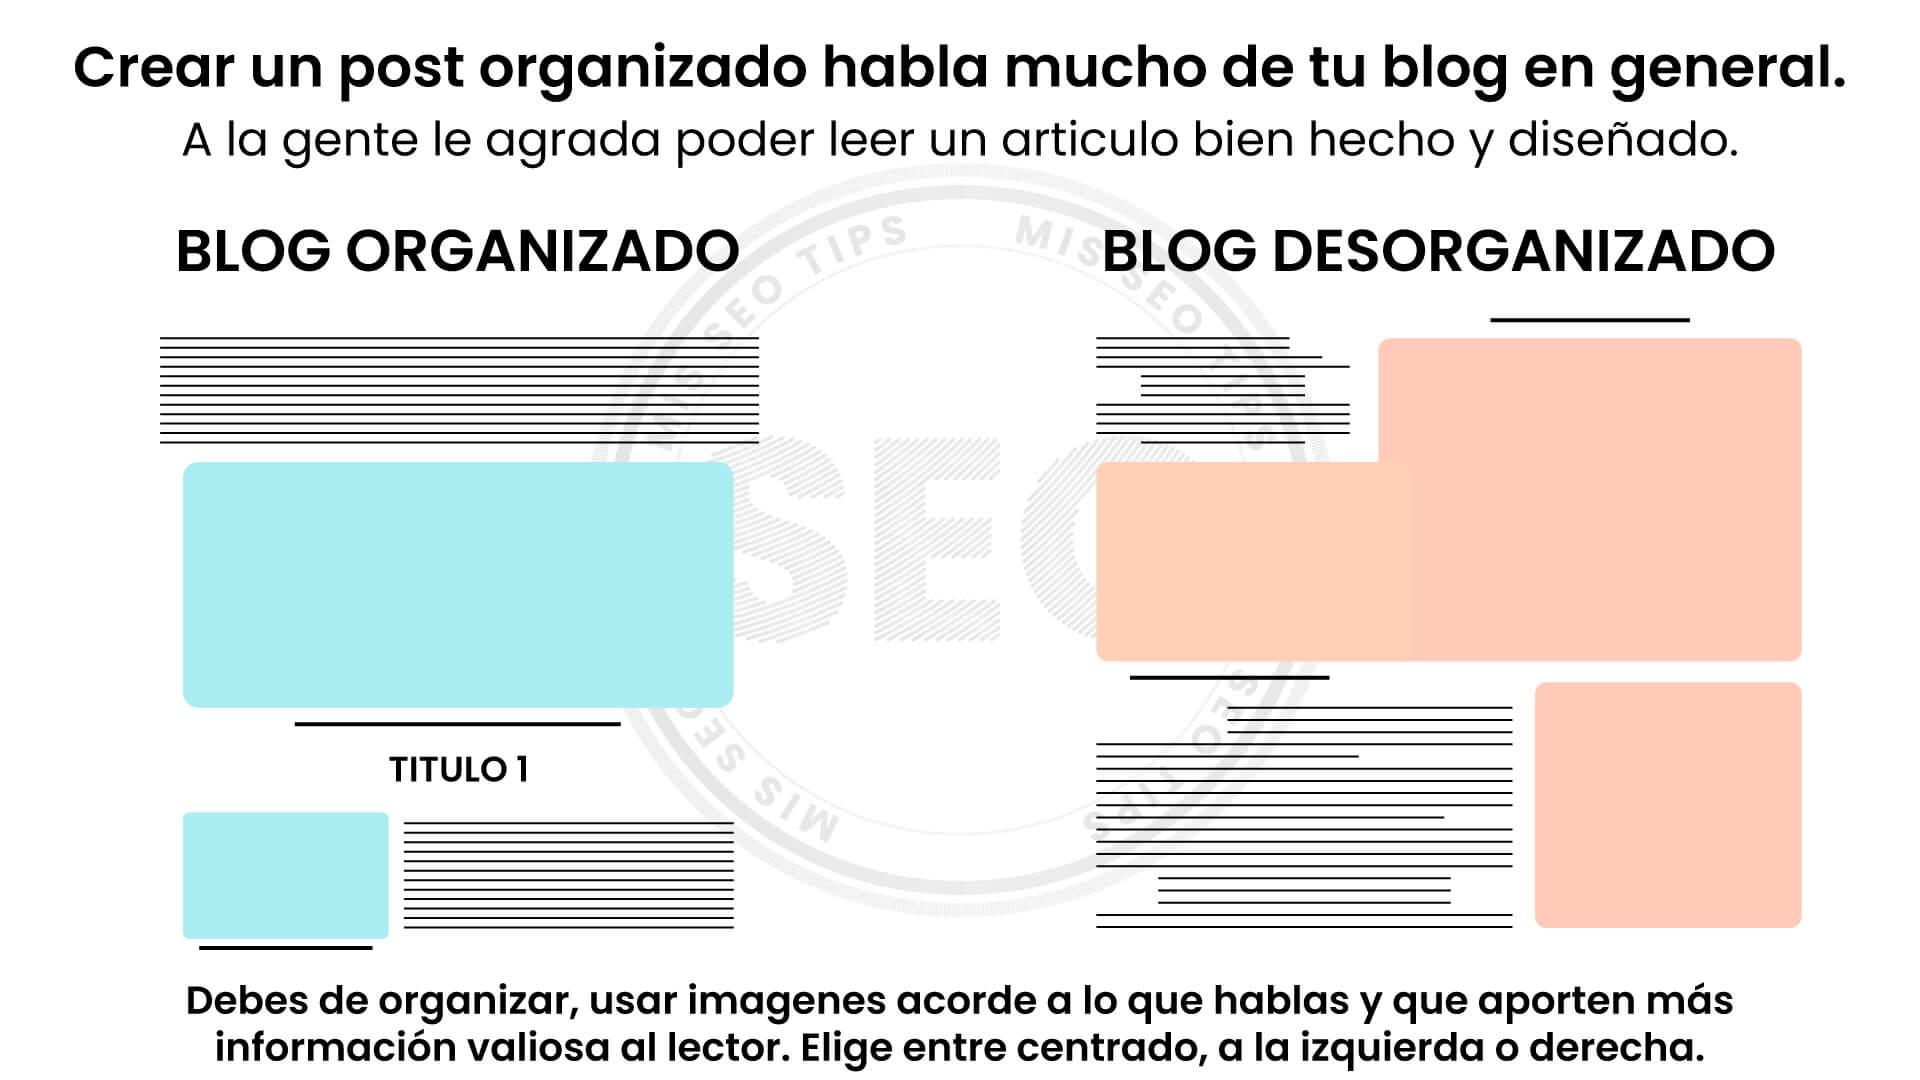 Como organizar tu blog en blogger 2020